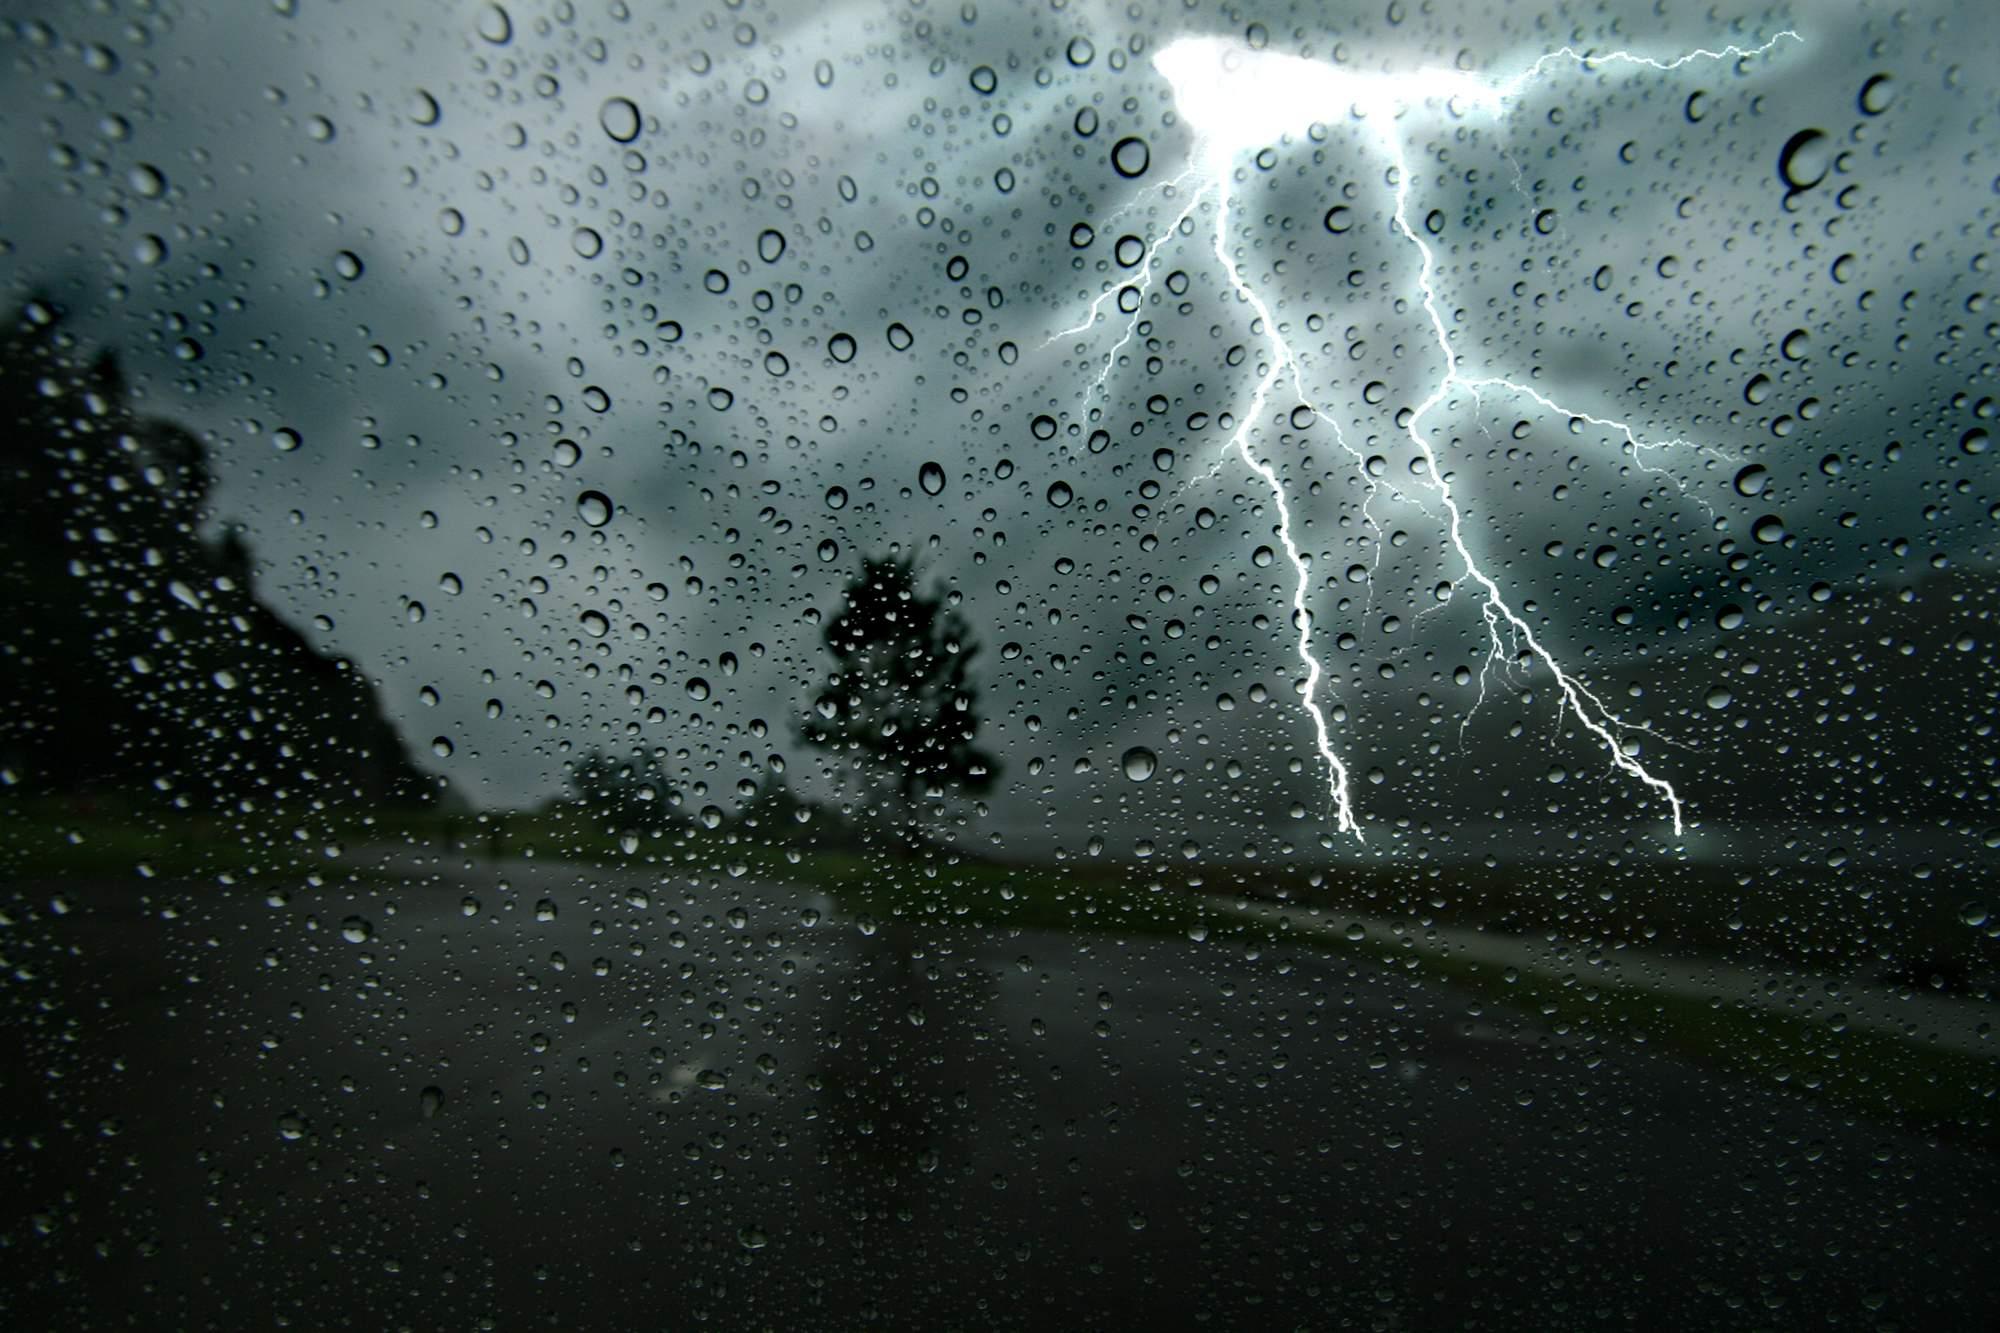 Uttarakhand मौसम में तेज बदलाव की आशंका, इन पांच जिलों के लोग शनिवार तक सावधान रहें